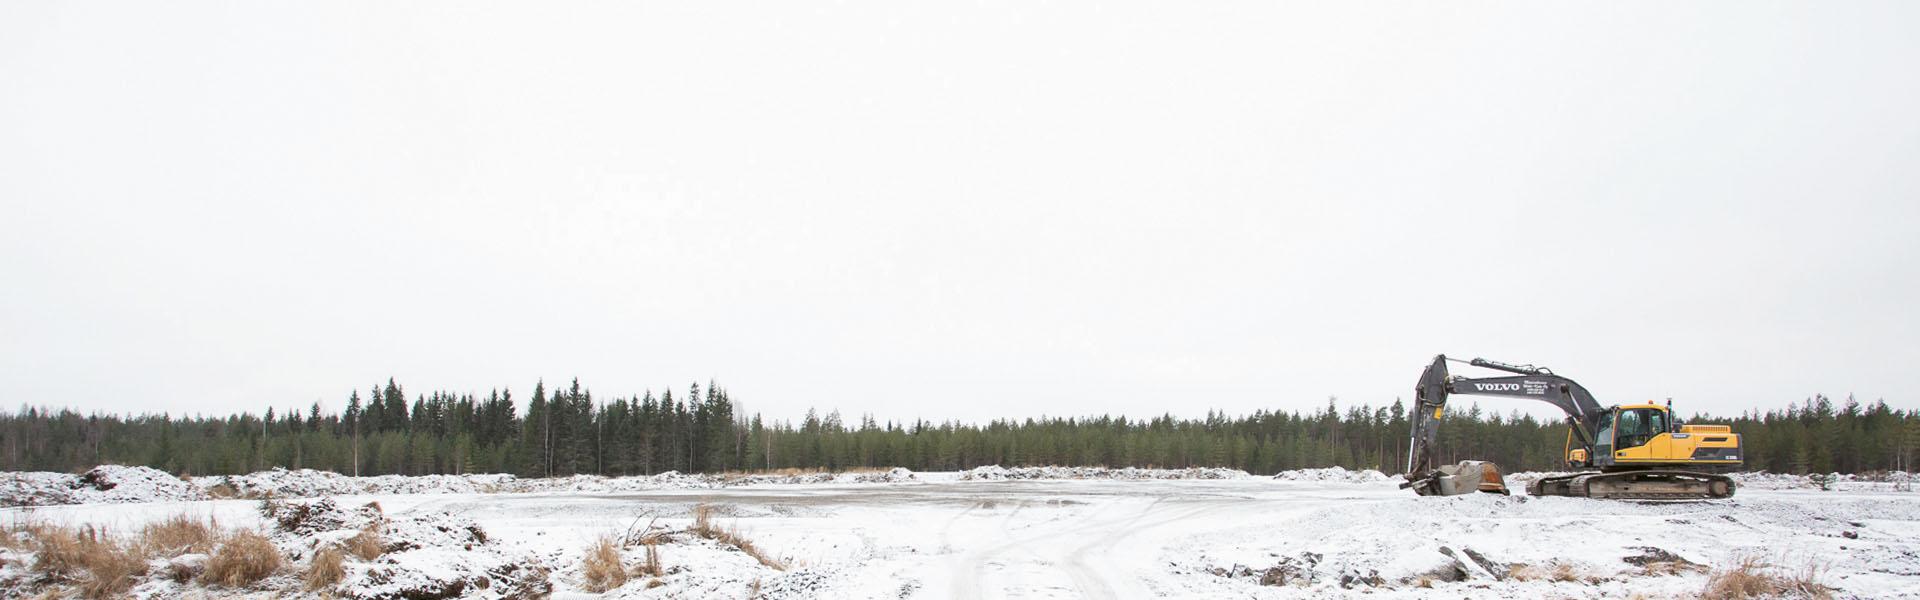 WE-vuosikertomus_2019_Ympäristö_2